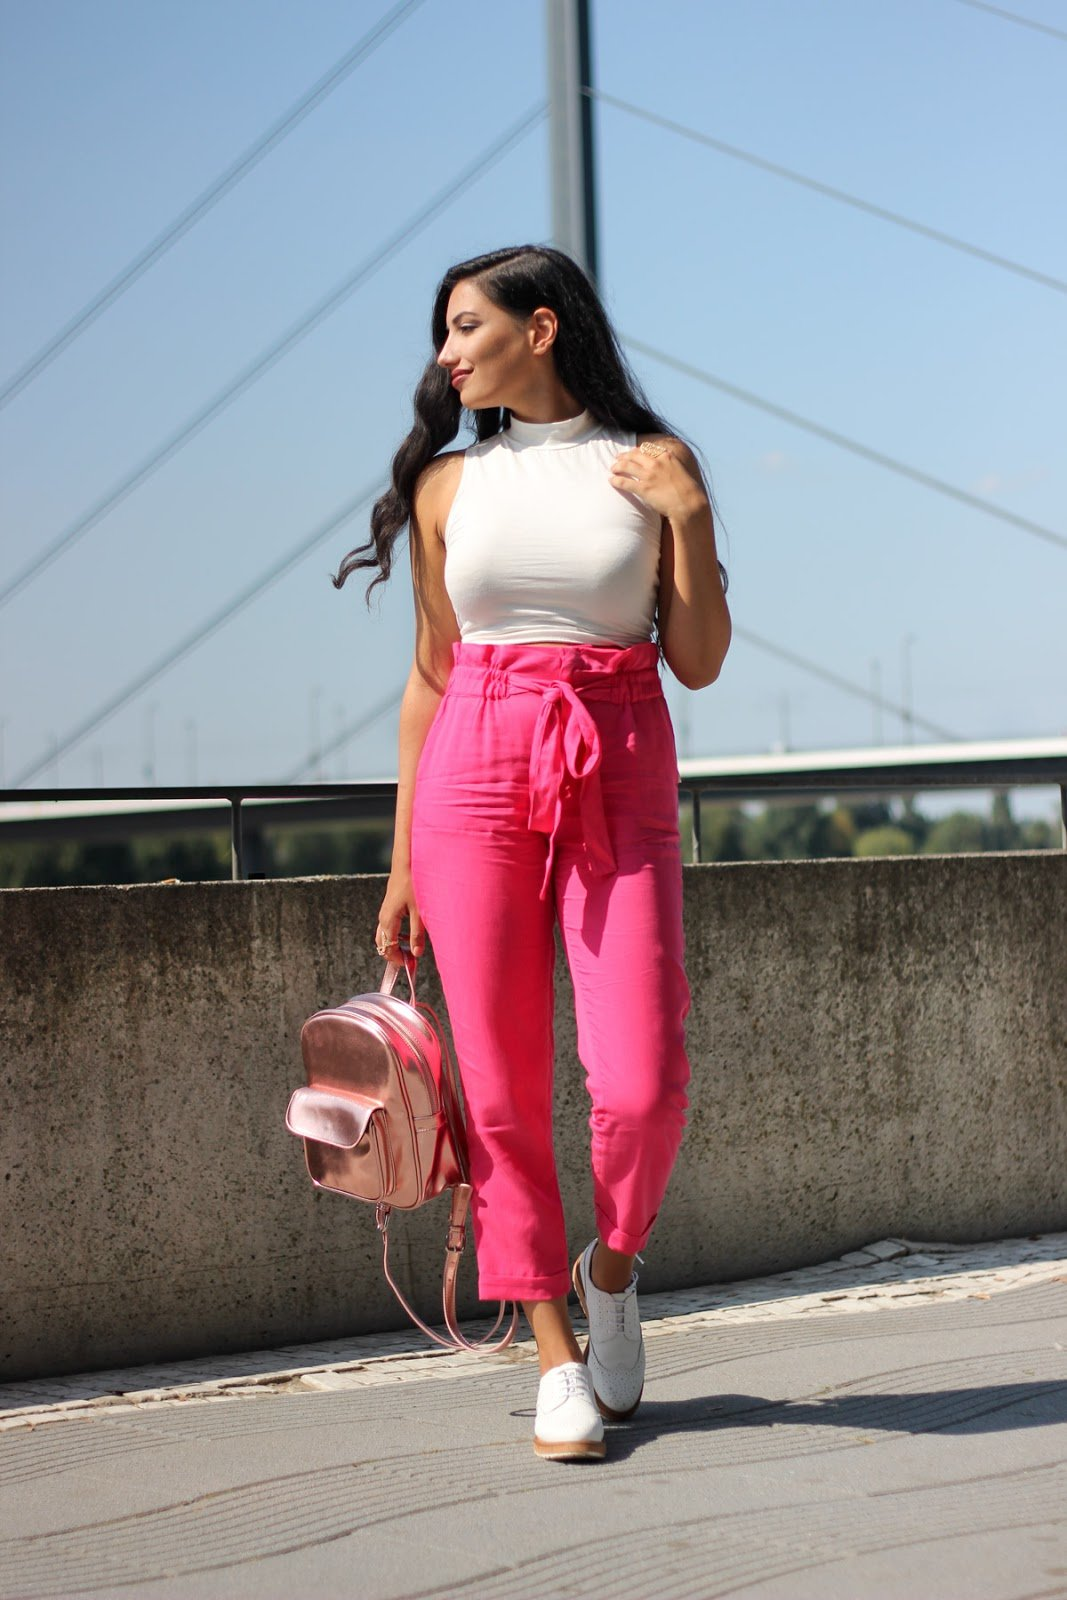 Фото девушки в розовых штанах — 3